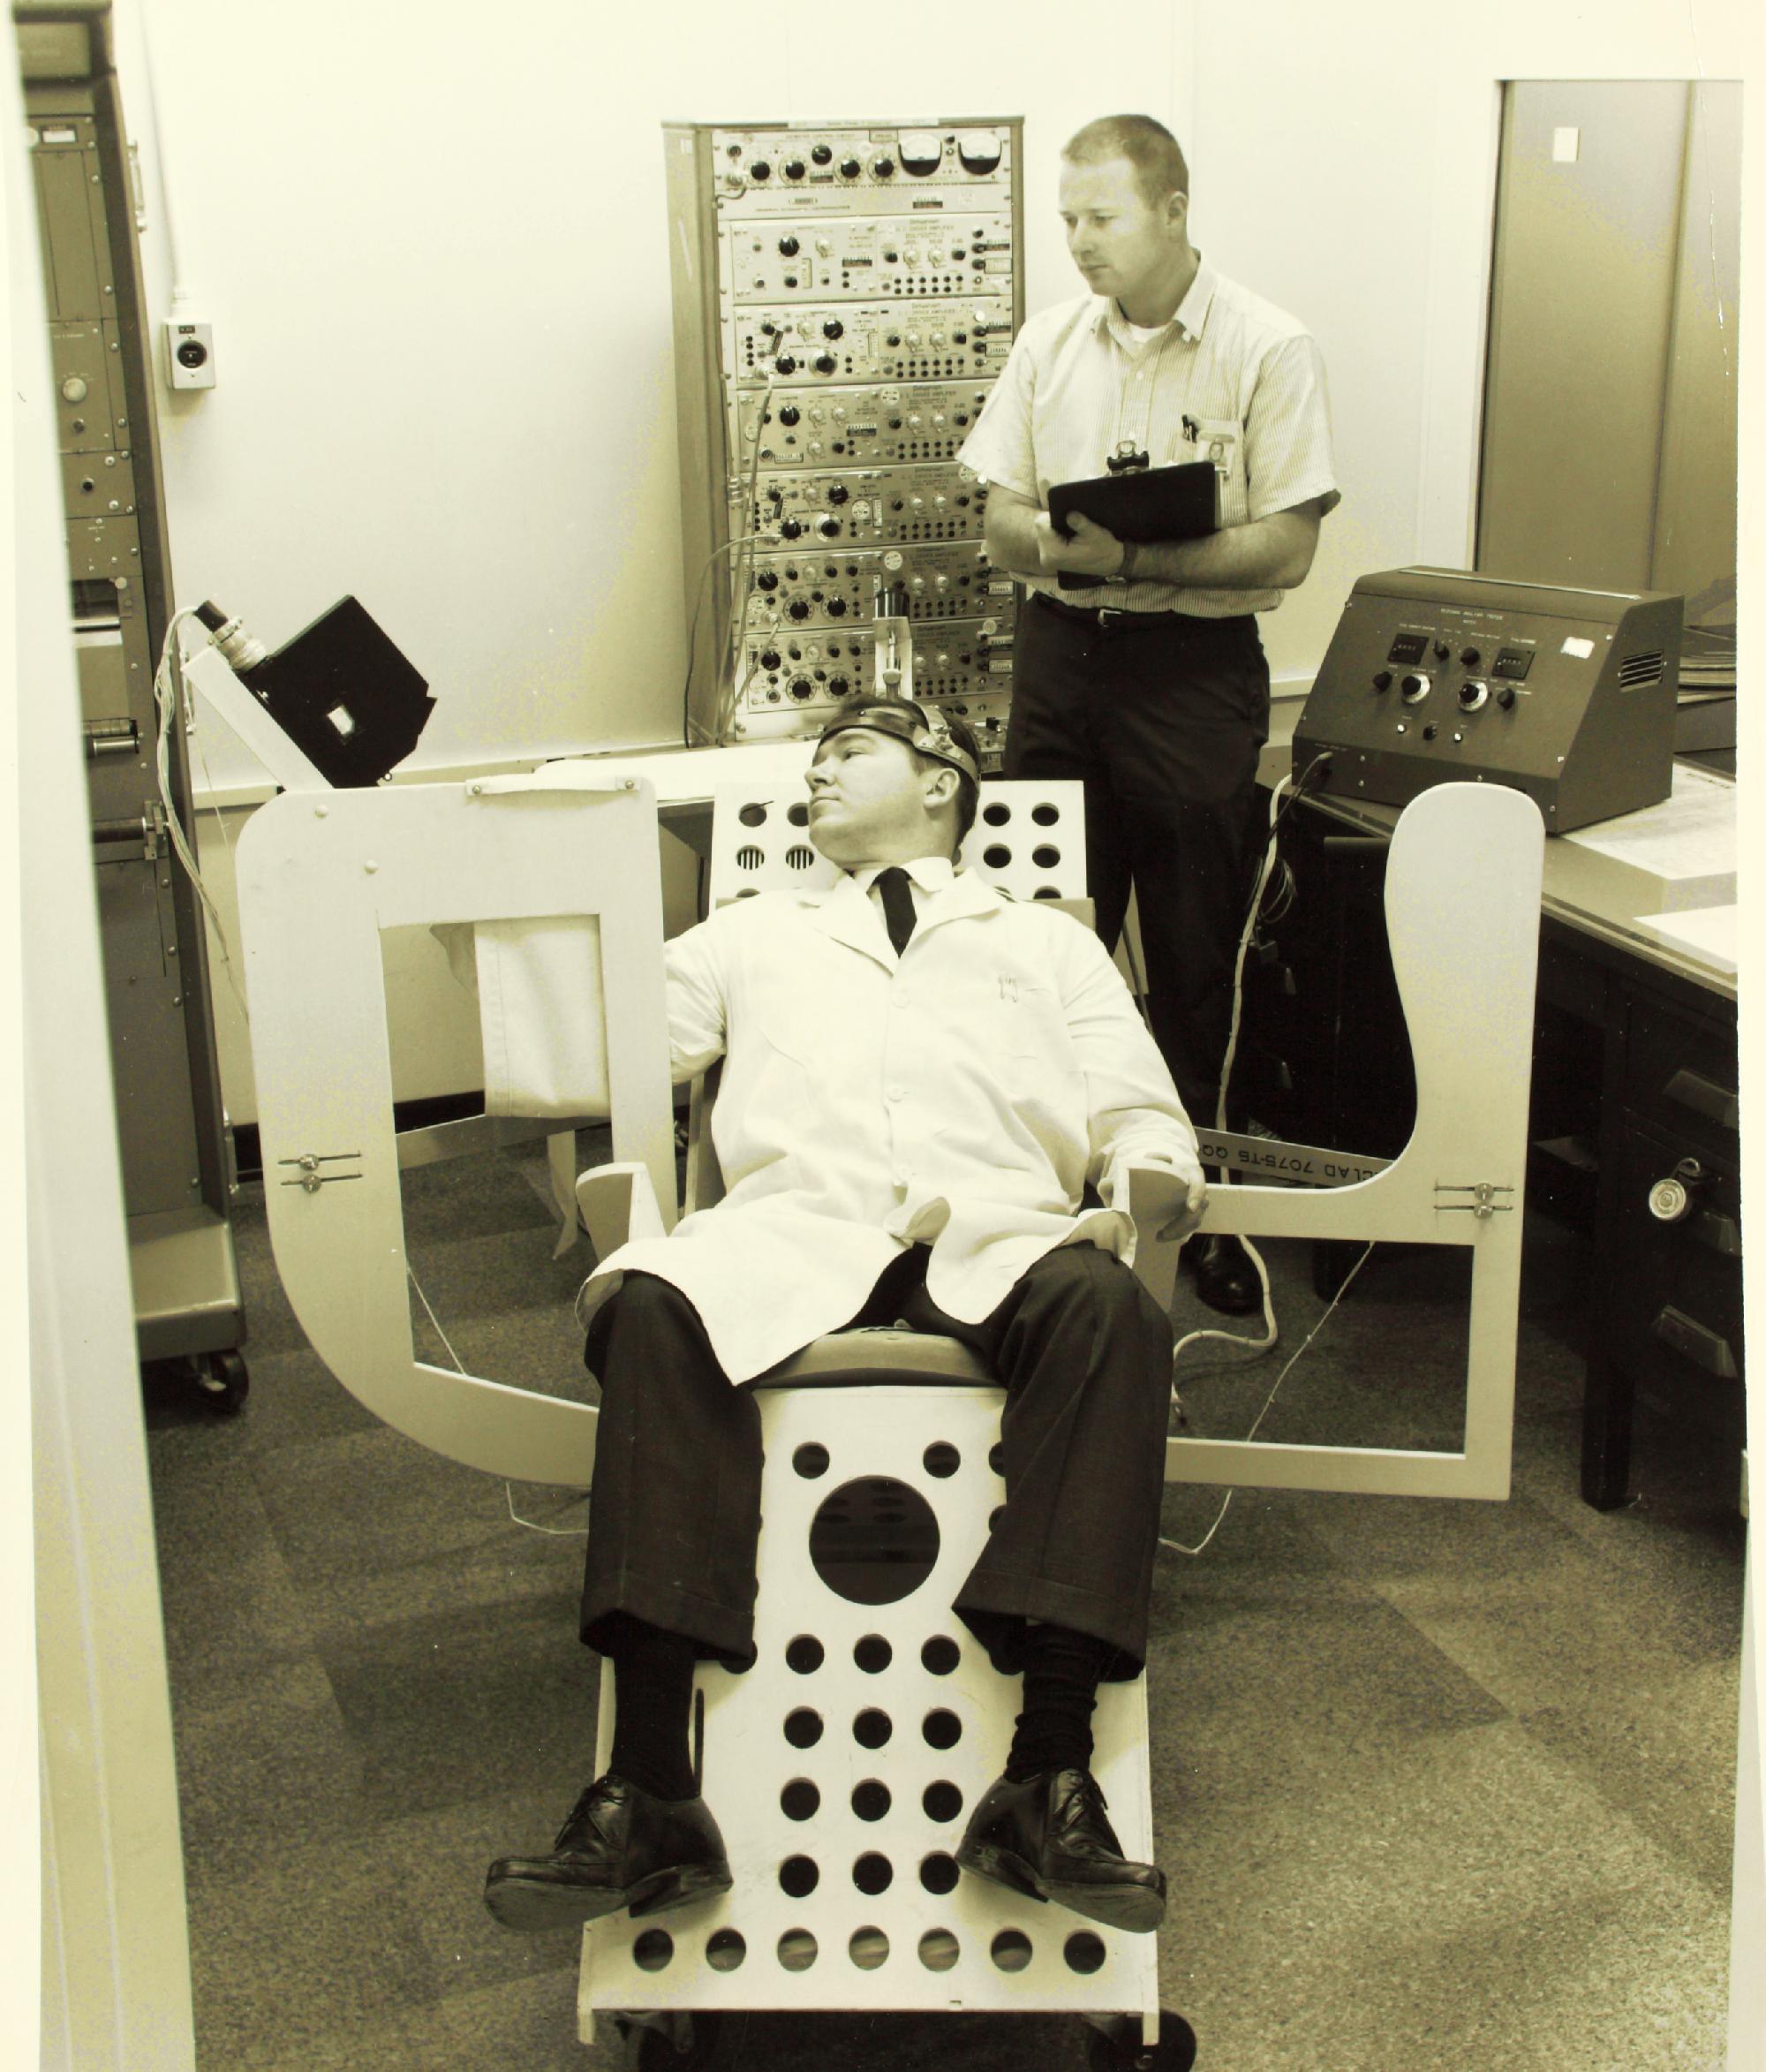 Les archives de la console de la navette spatiale: la joie d'un beau bouton